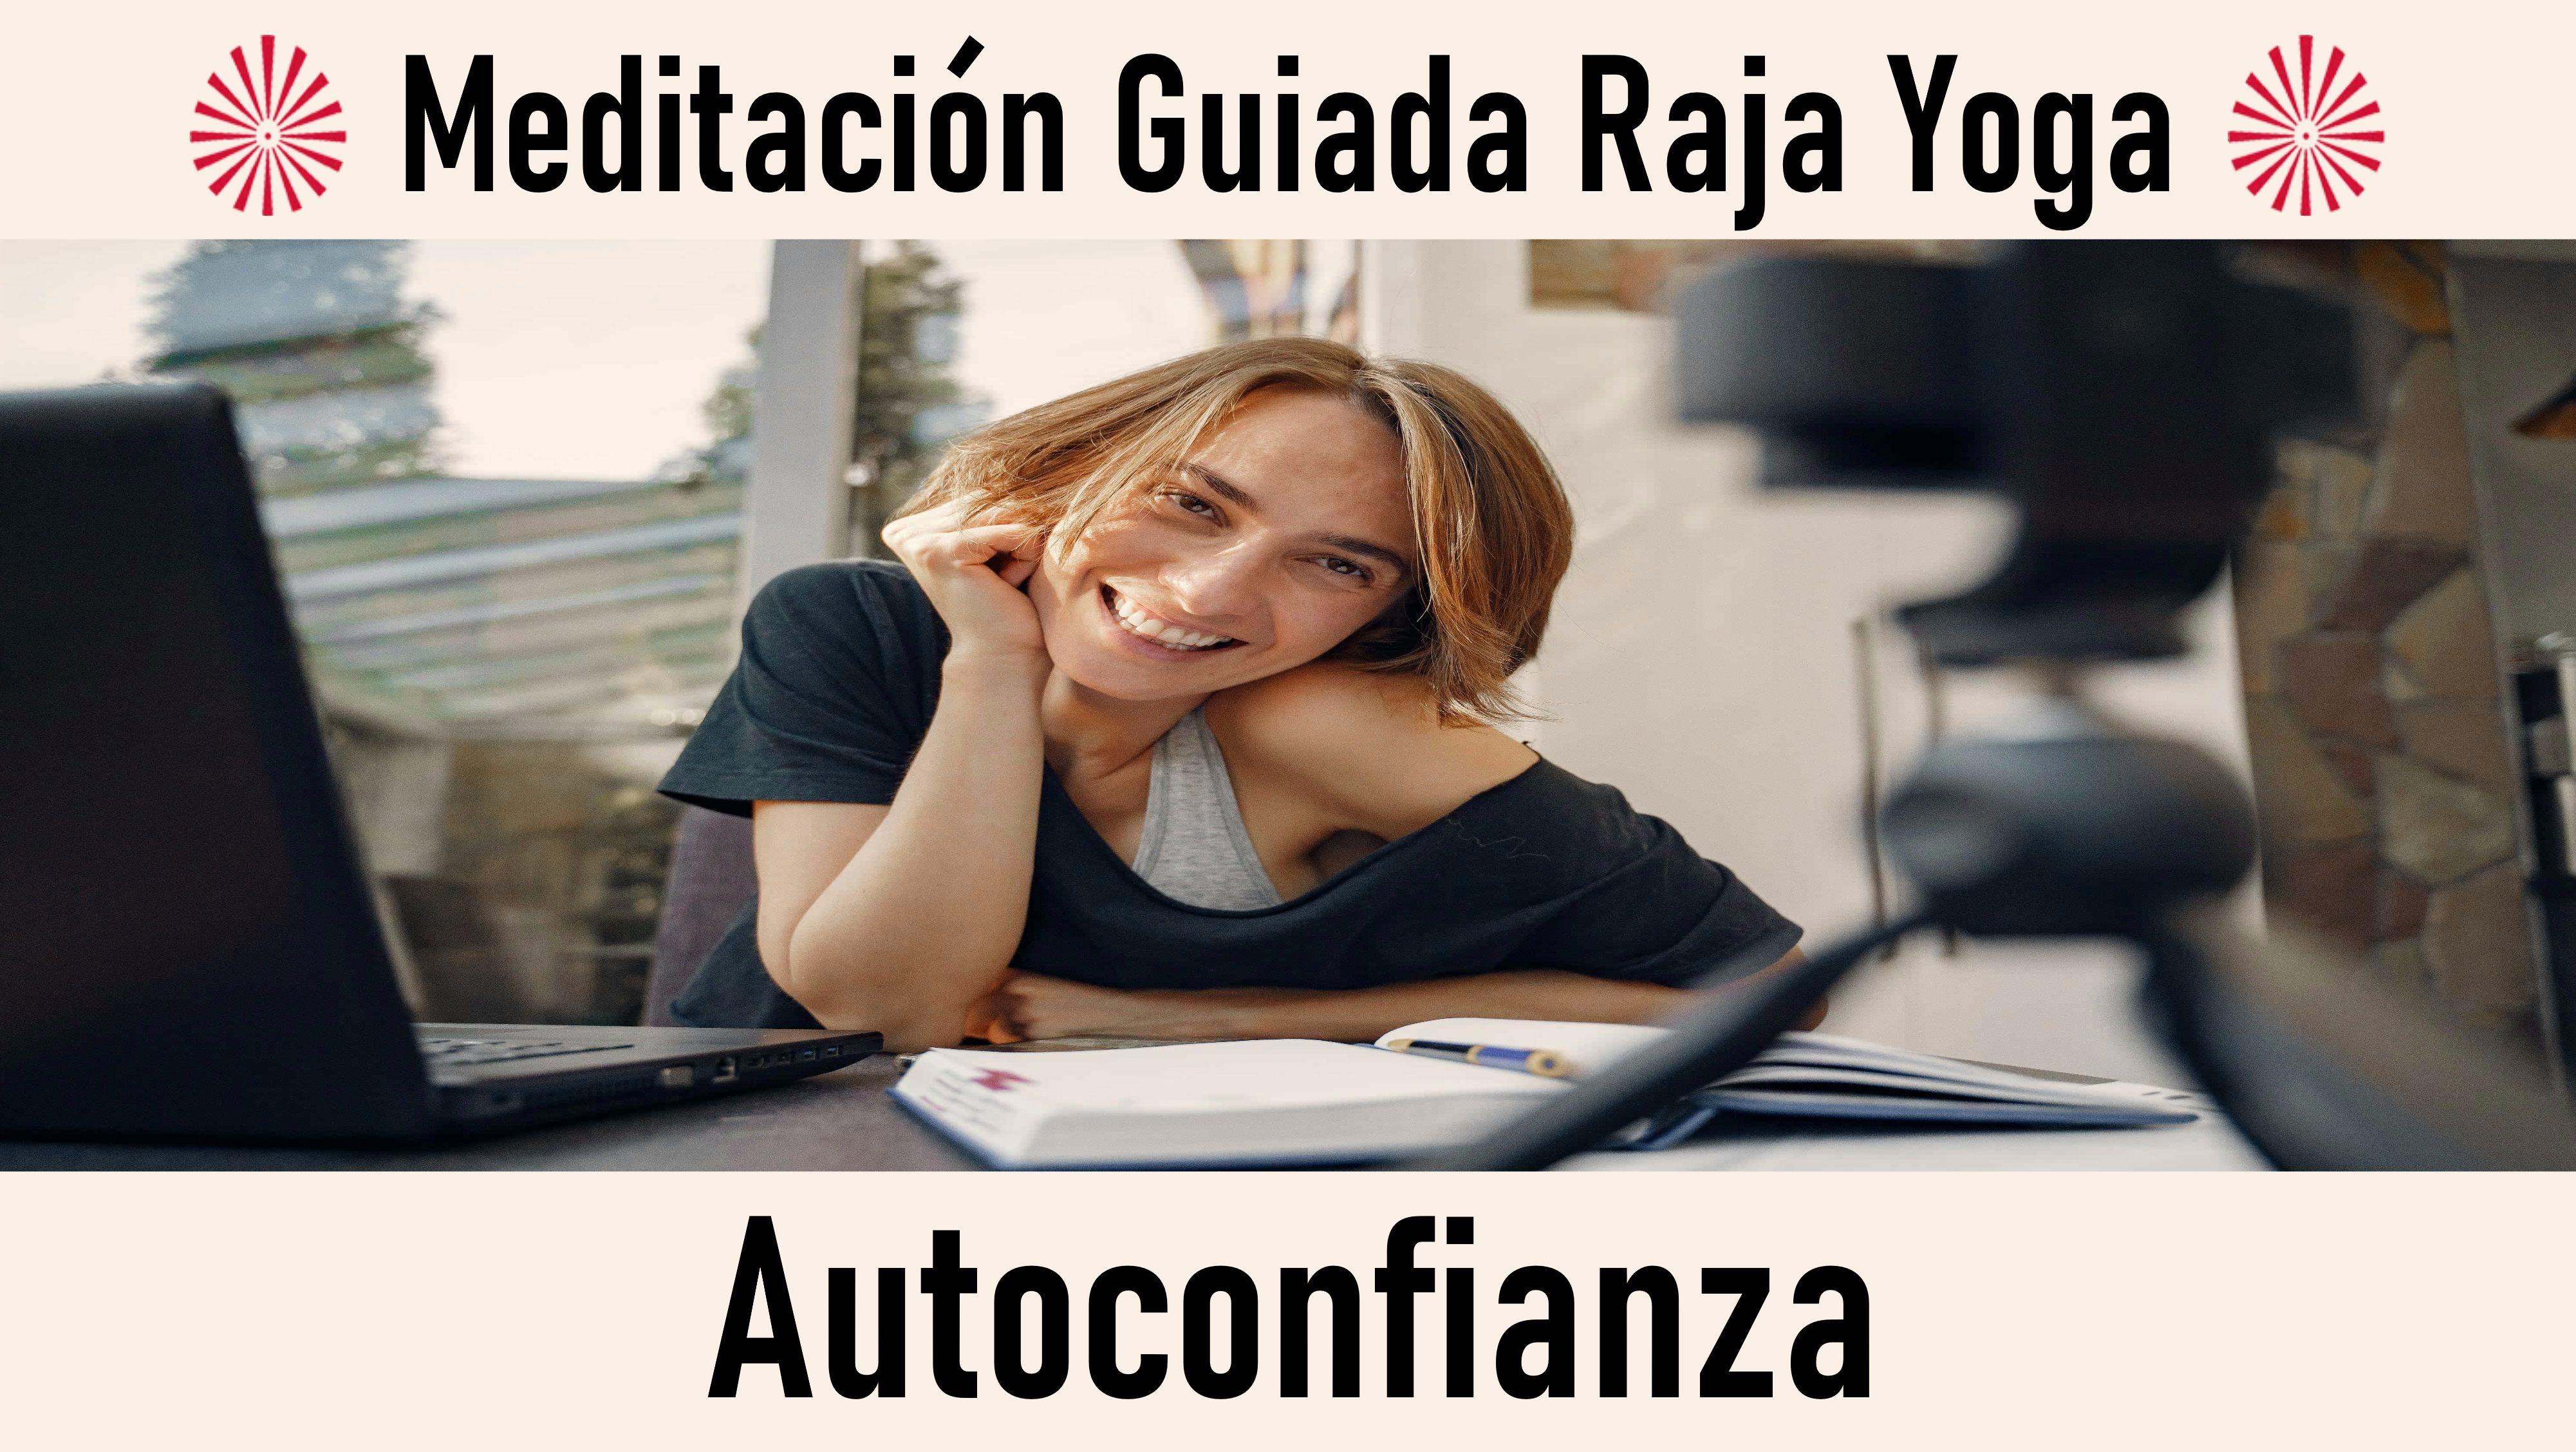 30 Septiembre 2020 Meditación guiada: Autoconfianza